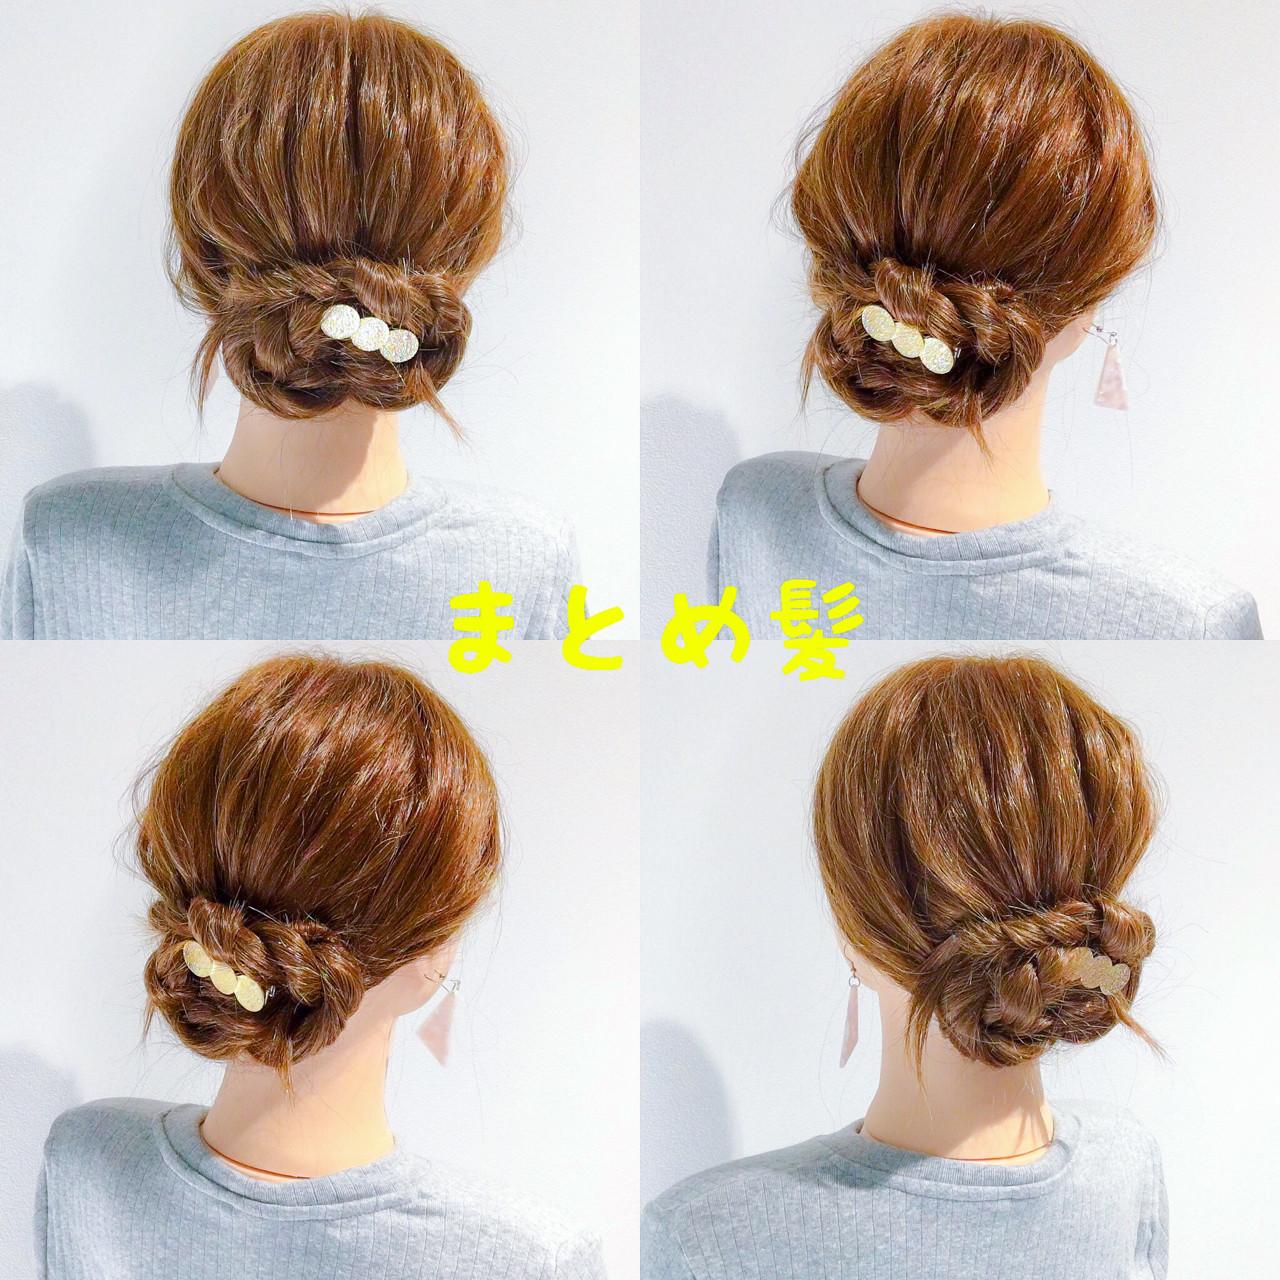 アウトドア セミロング 簡単ヘアアレンジ ヘアアレンジ ヘアスタイルや髪型の写真・画像